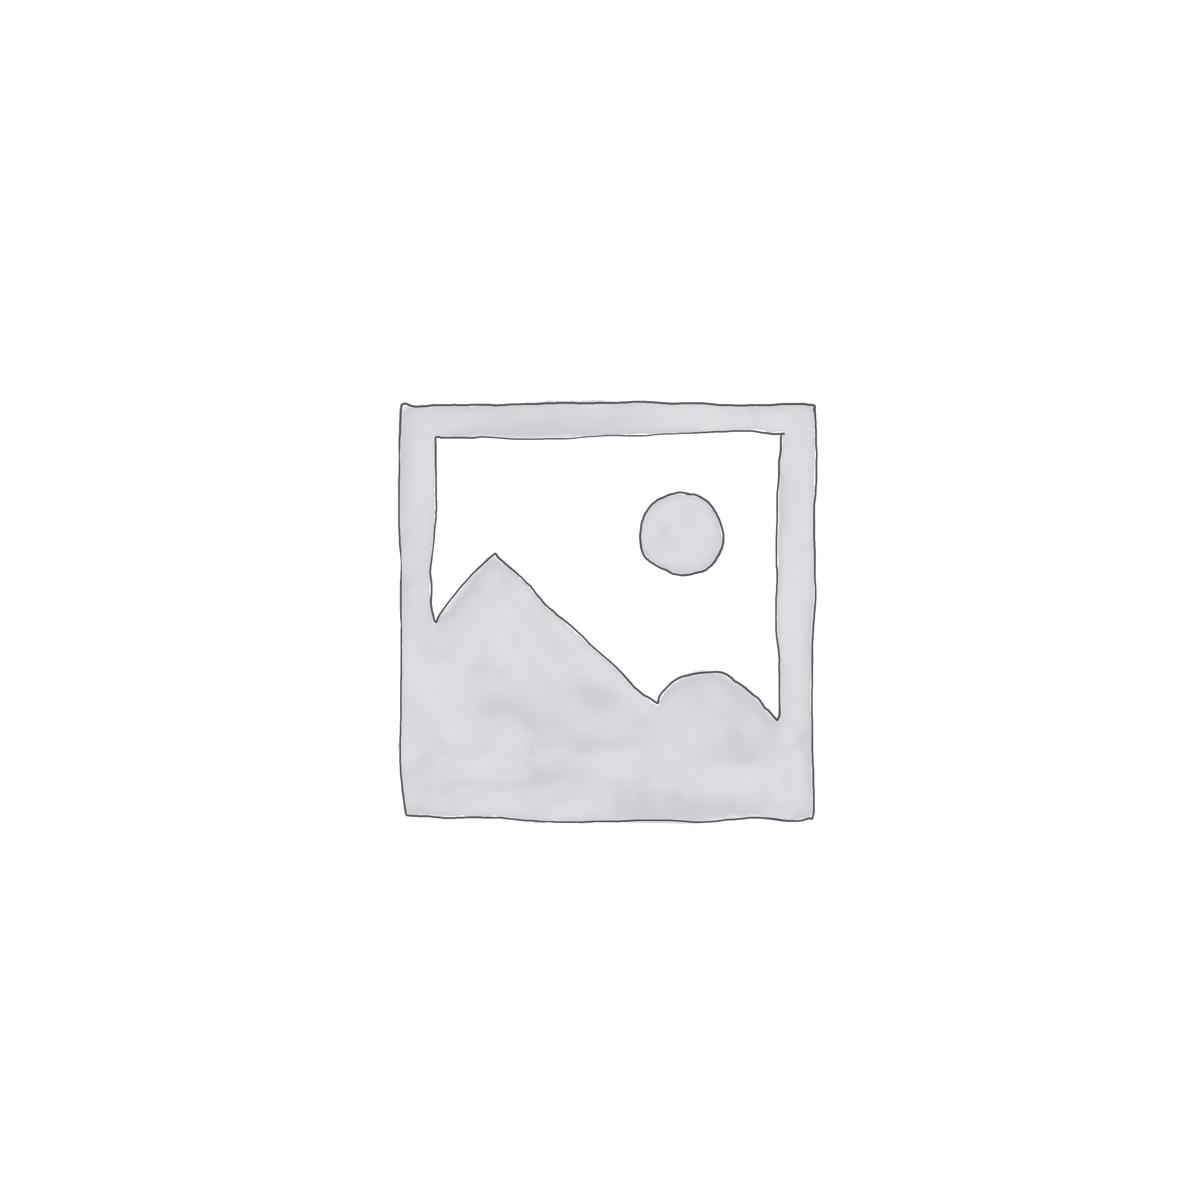 Tonneau/Rollcover